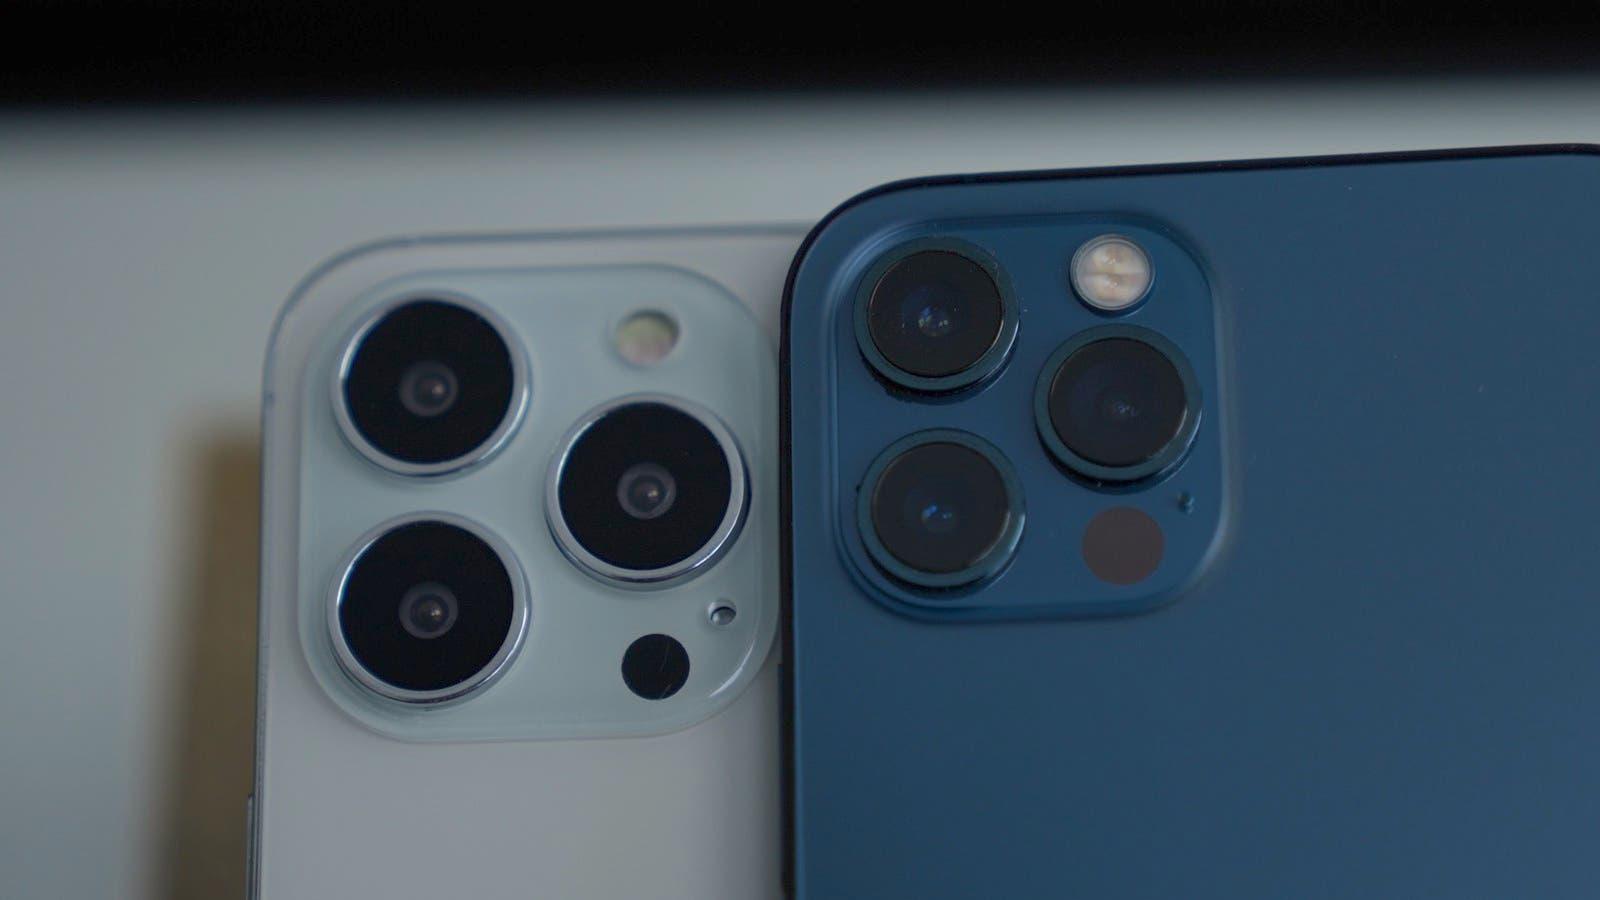 كاميرا هاتف أيفون 13 (على اليمين) وأيفون 12 (يسار)